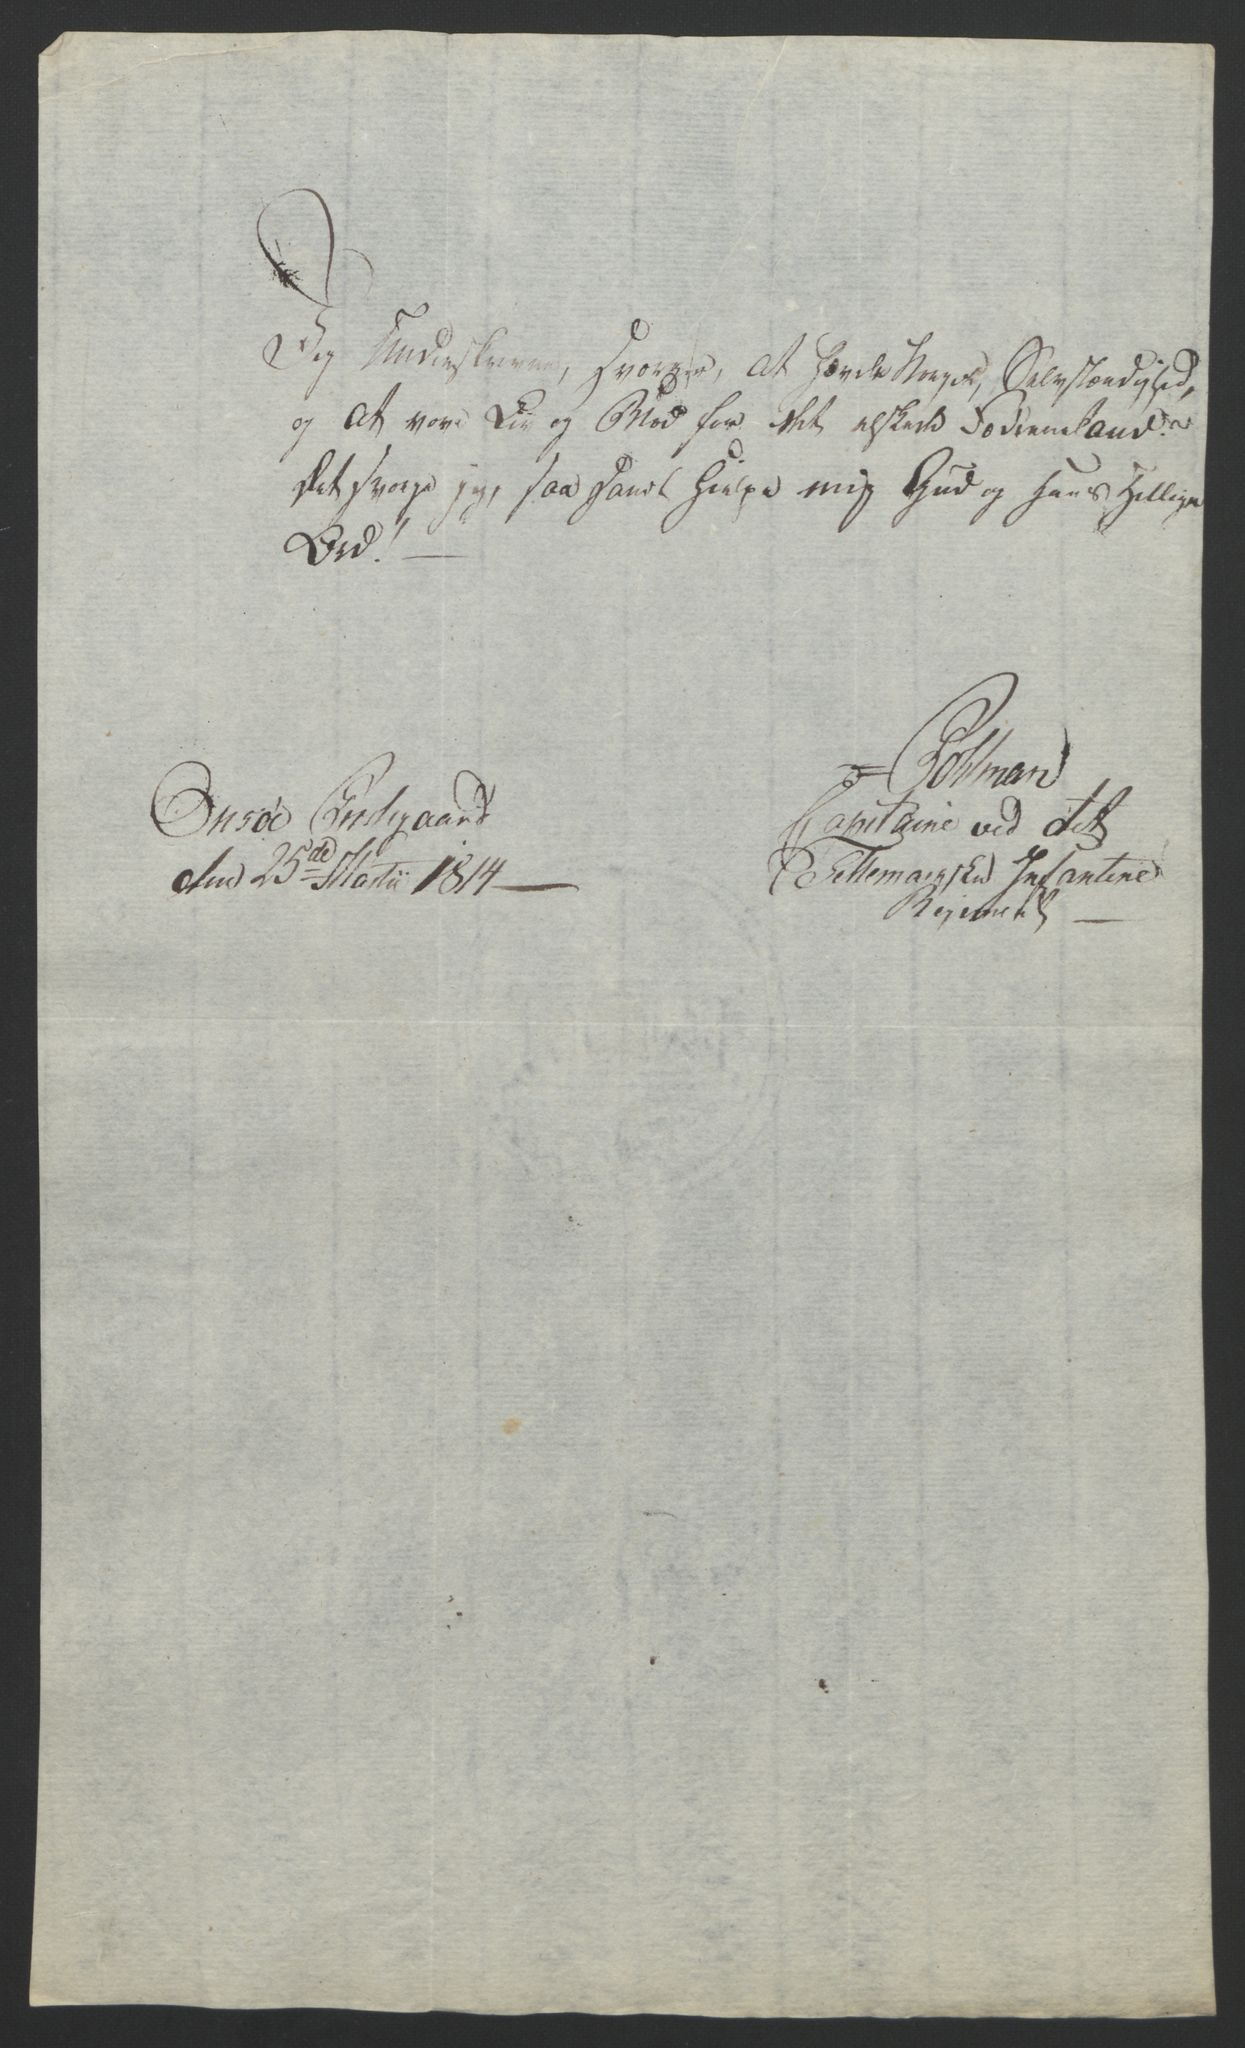 RA, Statsrådssekretariatet, D/Db/L0007: Fullmakter for Eidsvollsrepresentantene i 1814. , 1814, s. 98